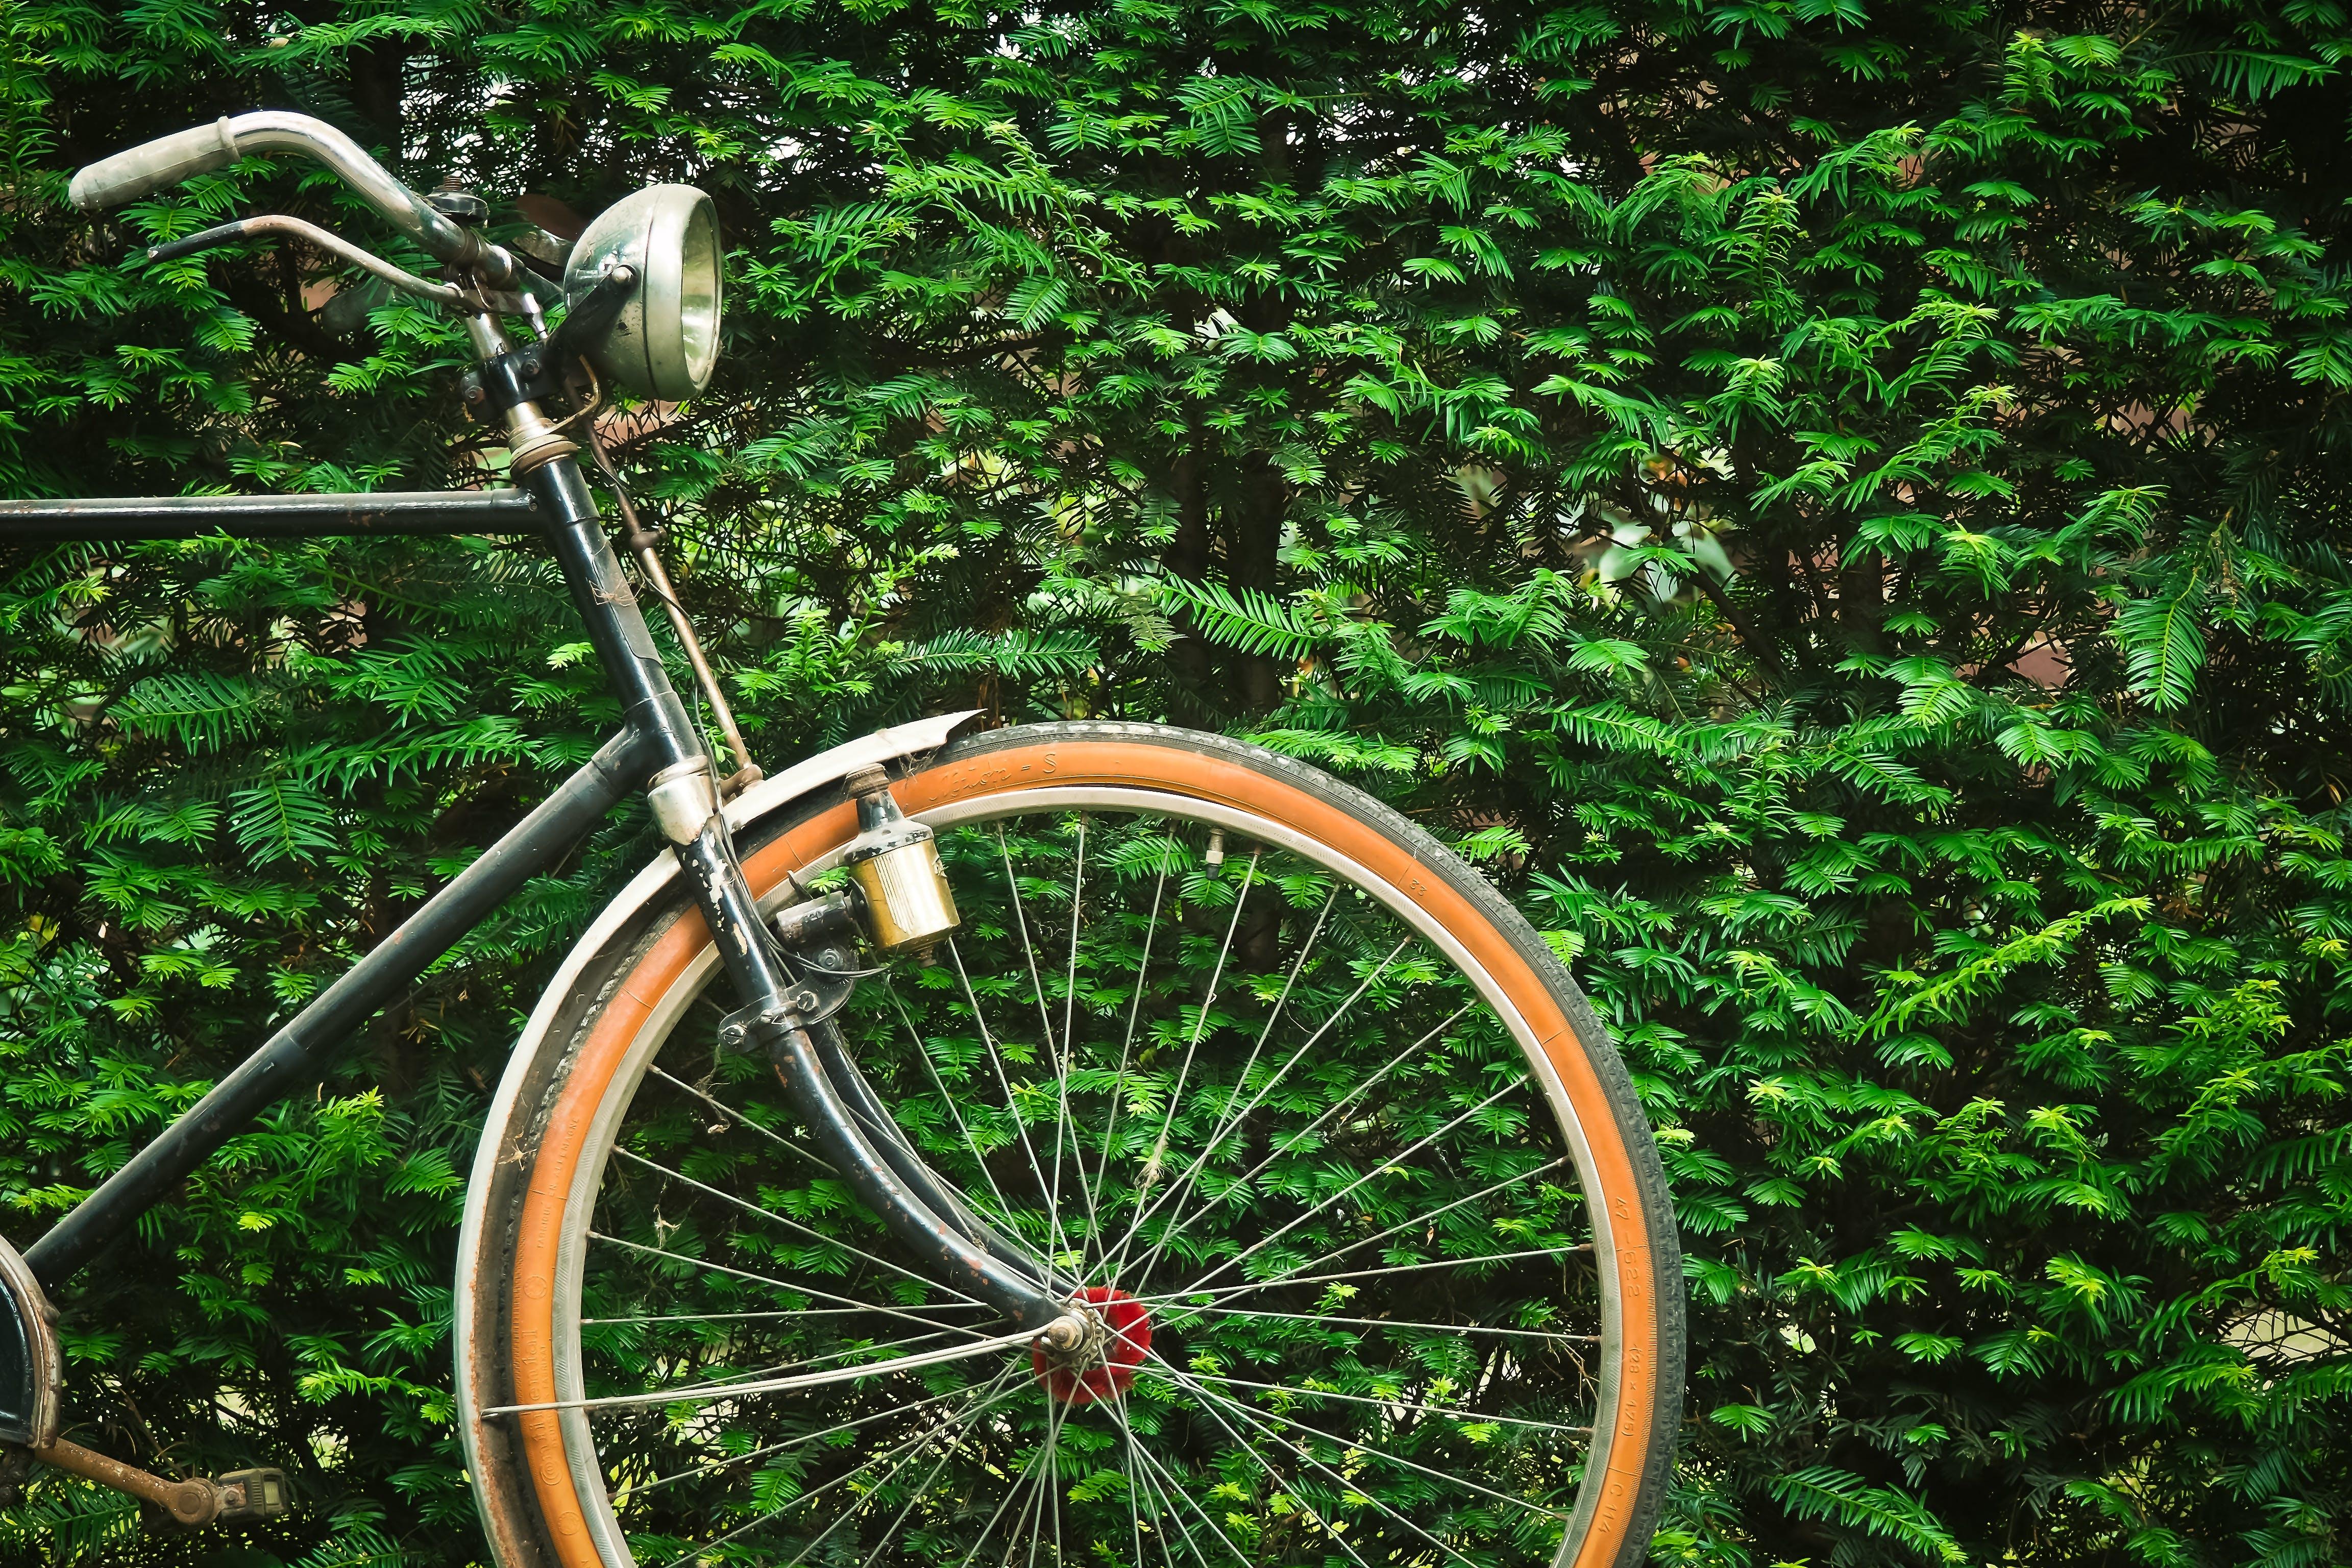 bicicleta, direção, planta